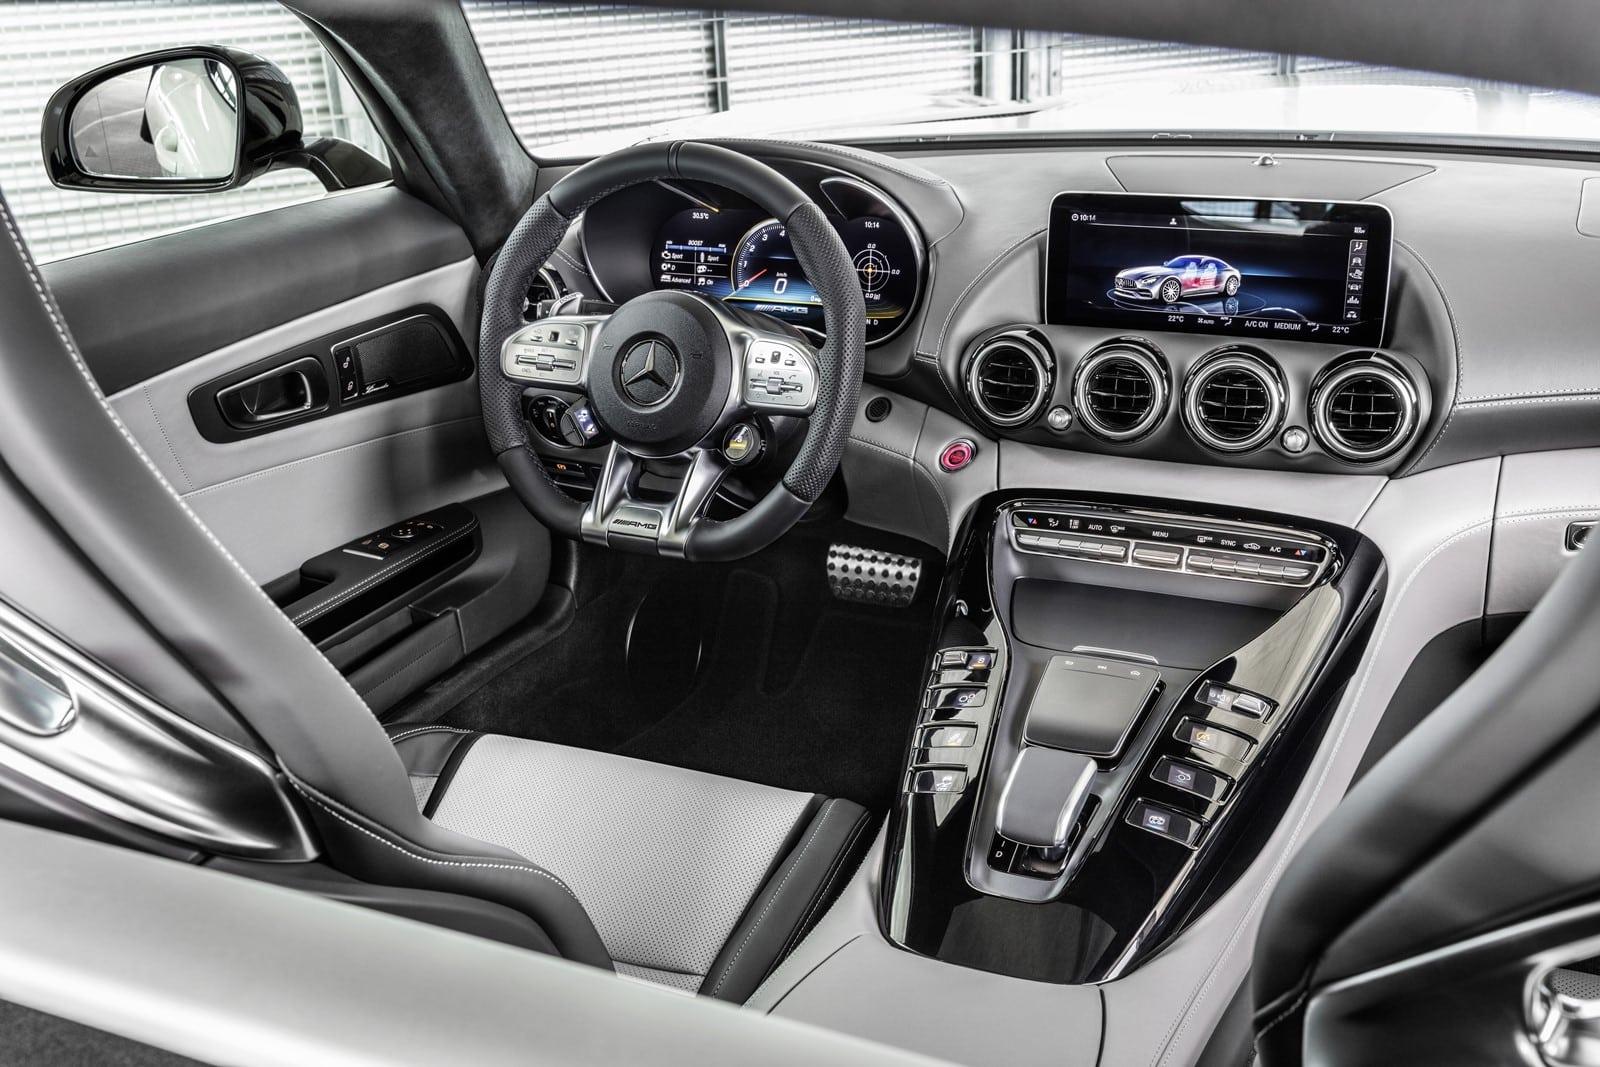 La familia Mercedes-AMG GT se renueva de cara a 2019: Sutiles cambios estéticos y nuevo cuadro digital